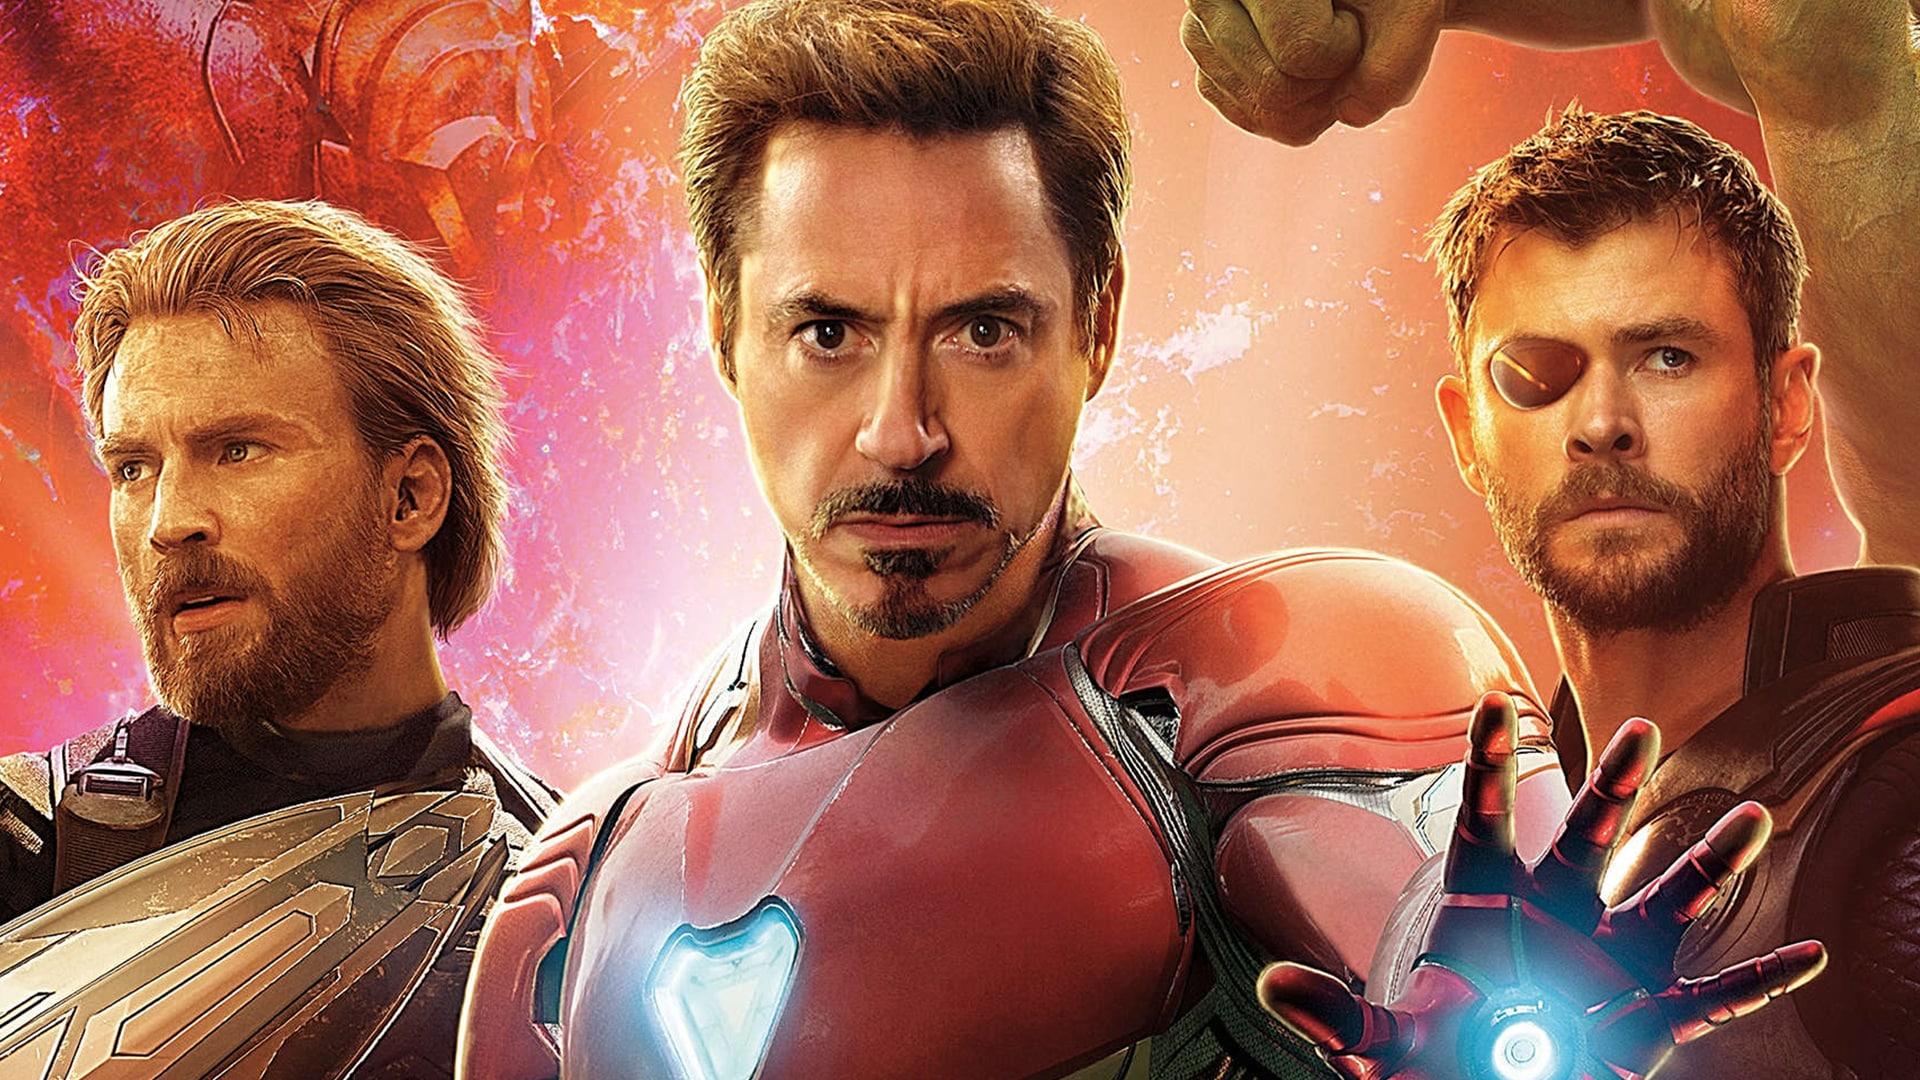 Herci z Avengers: Infinity War nemajú dovolené vidieť film pred svetovou premiérou!